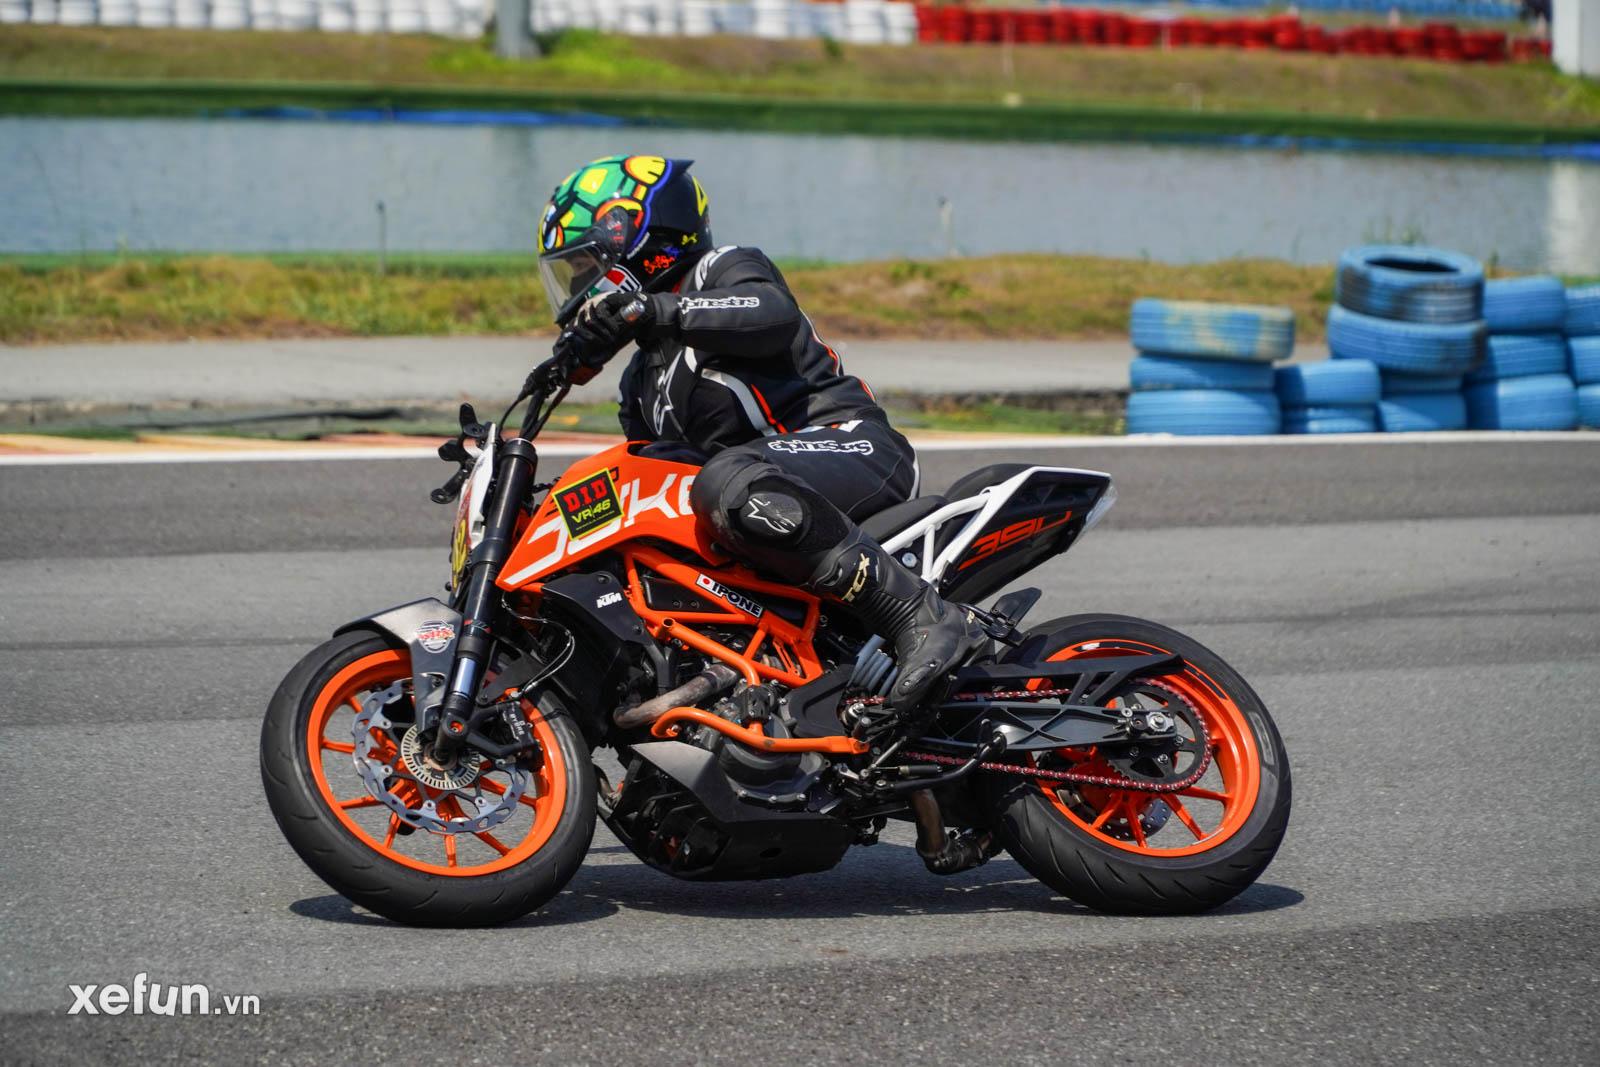 Mạch Quang Thông Reviewer tham gia giải đua 250cc 400cc DID Challenge Cup 2021 trên Xefun (14)